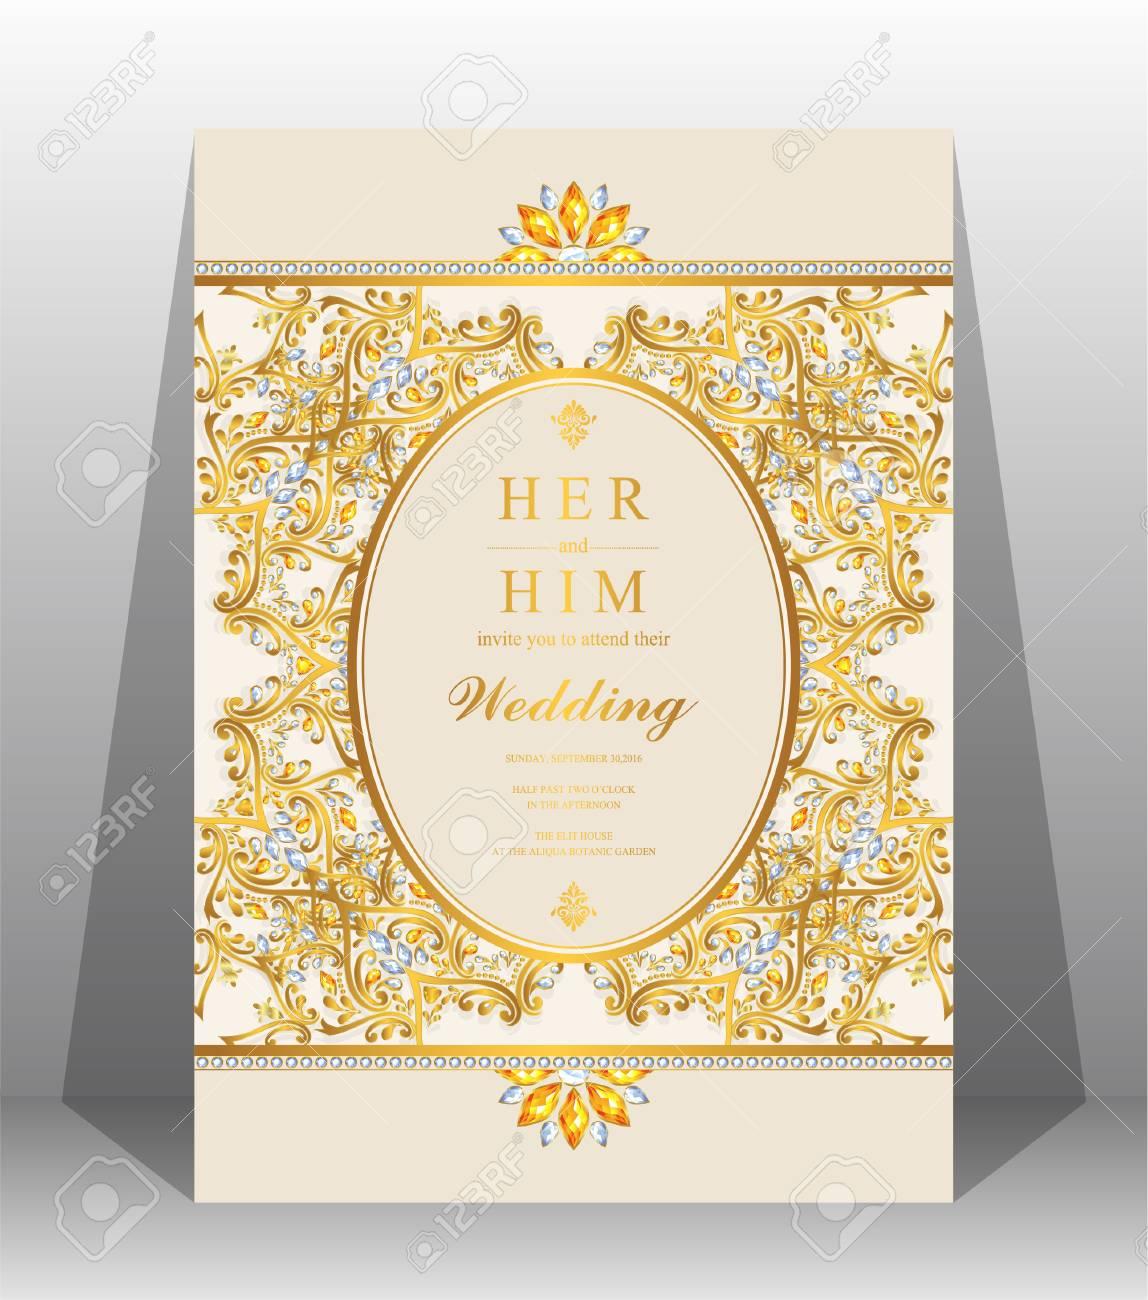 Plantillas De Tarjeta De Invitación De Boda Con Oro Con Dibujos Y Cristales En Color De Fondo